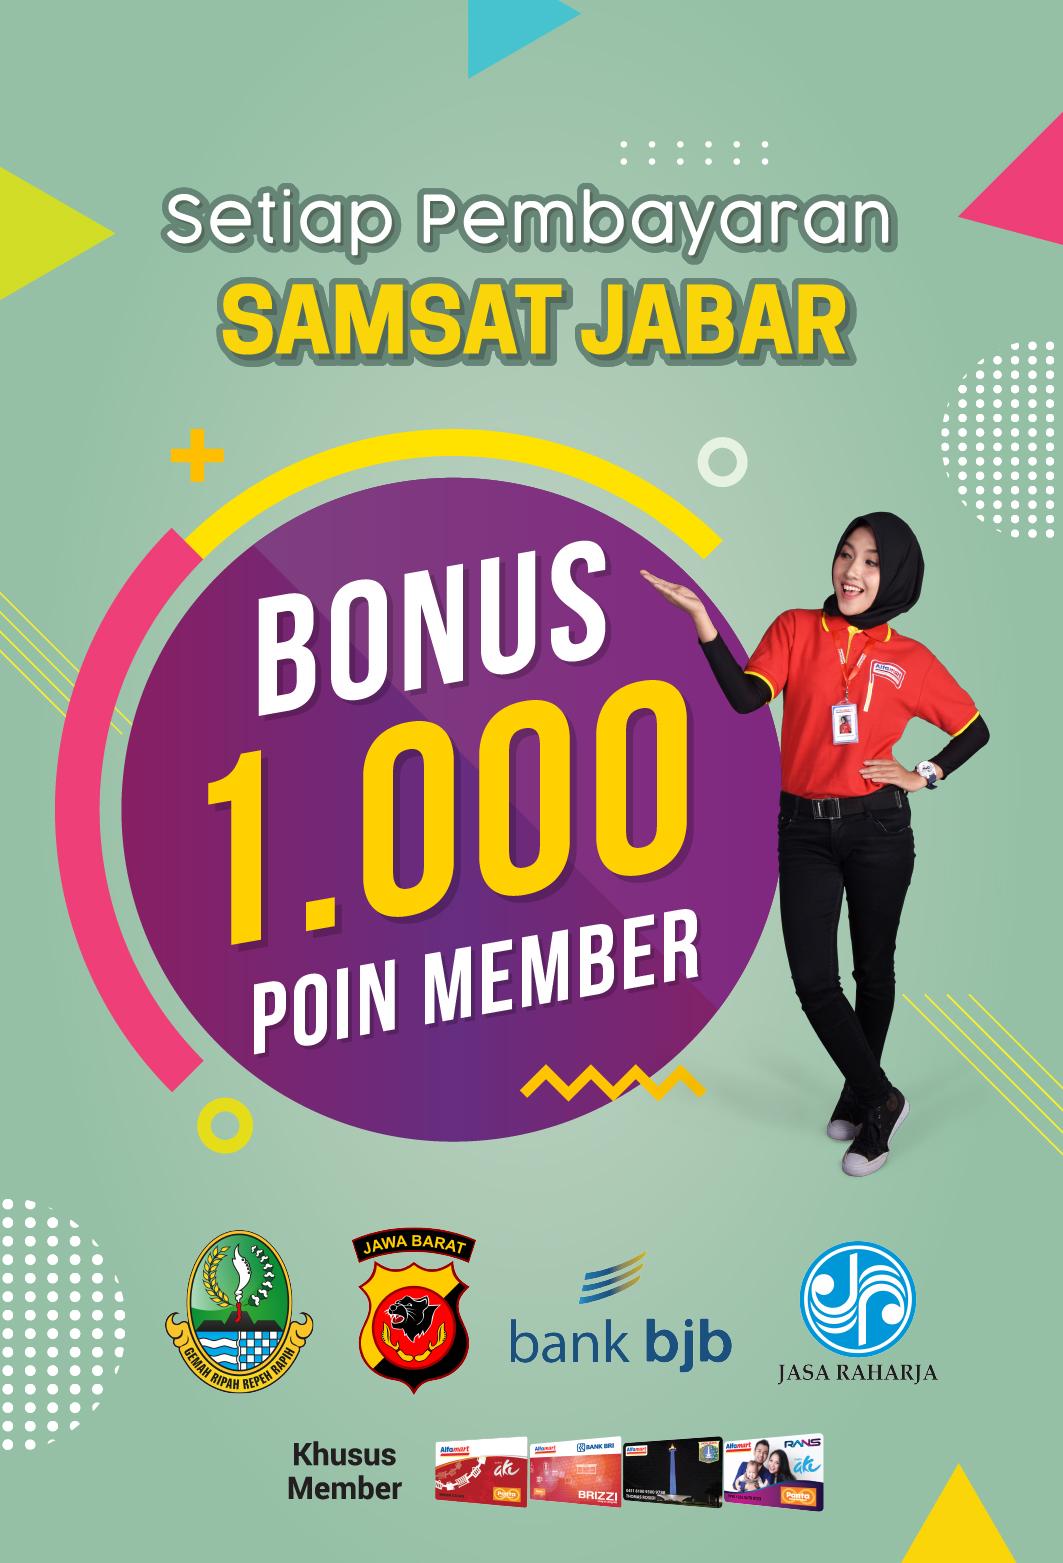 Samsat Jabar November 2019